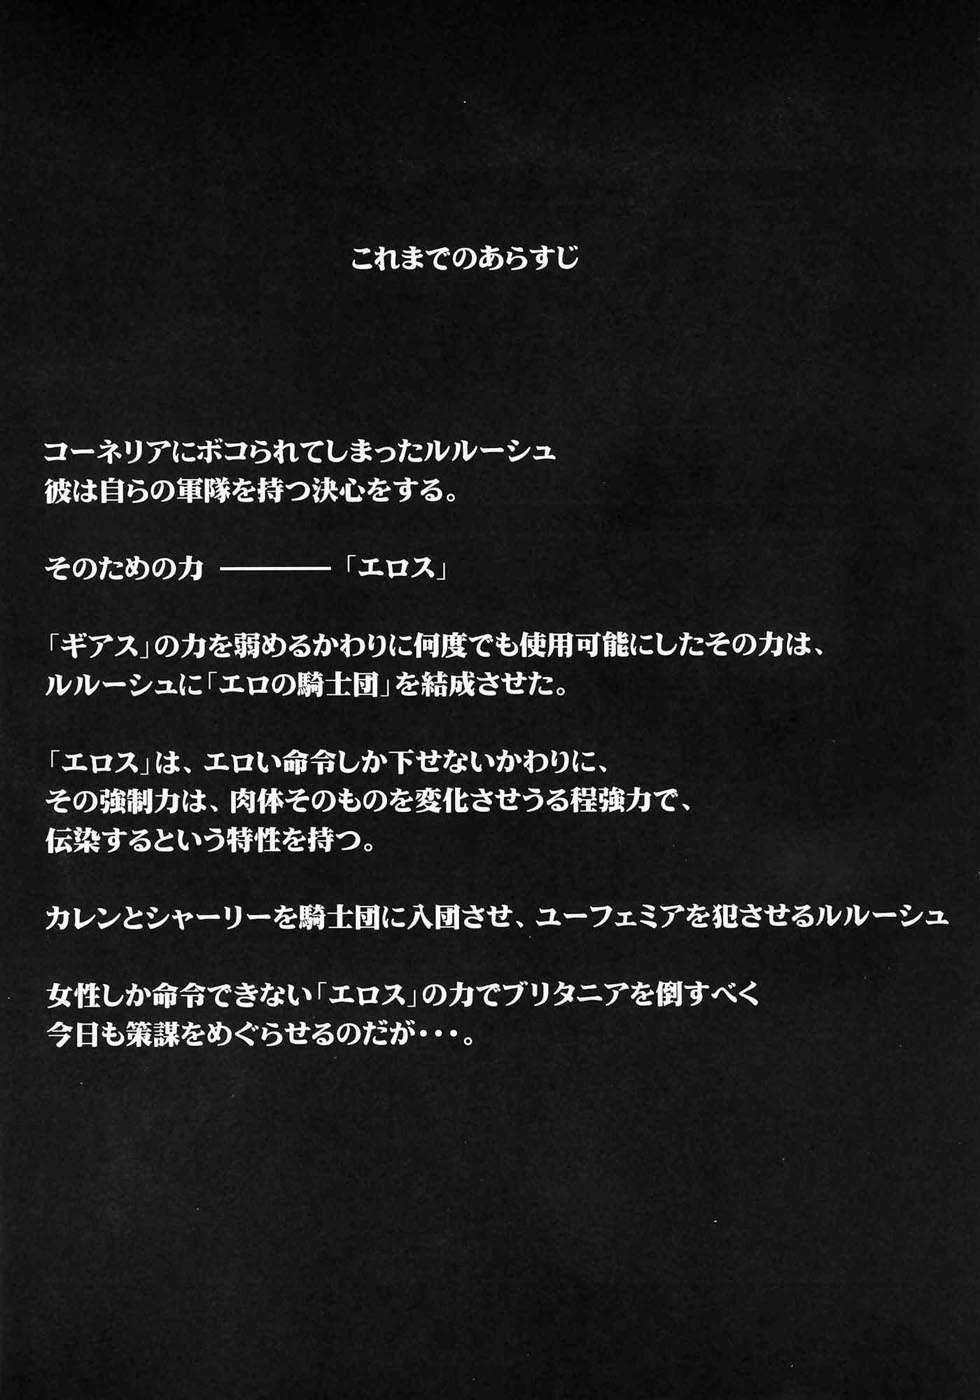 DoujinReader.com [SaHa] Code Eross 3 - 03